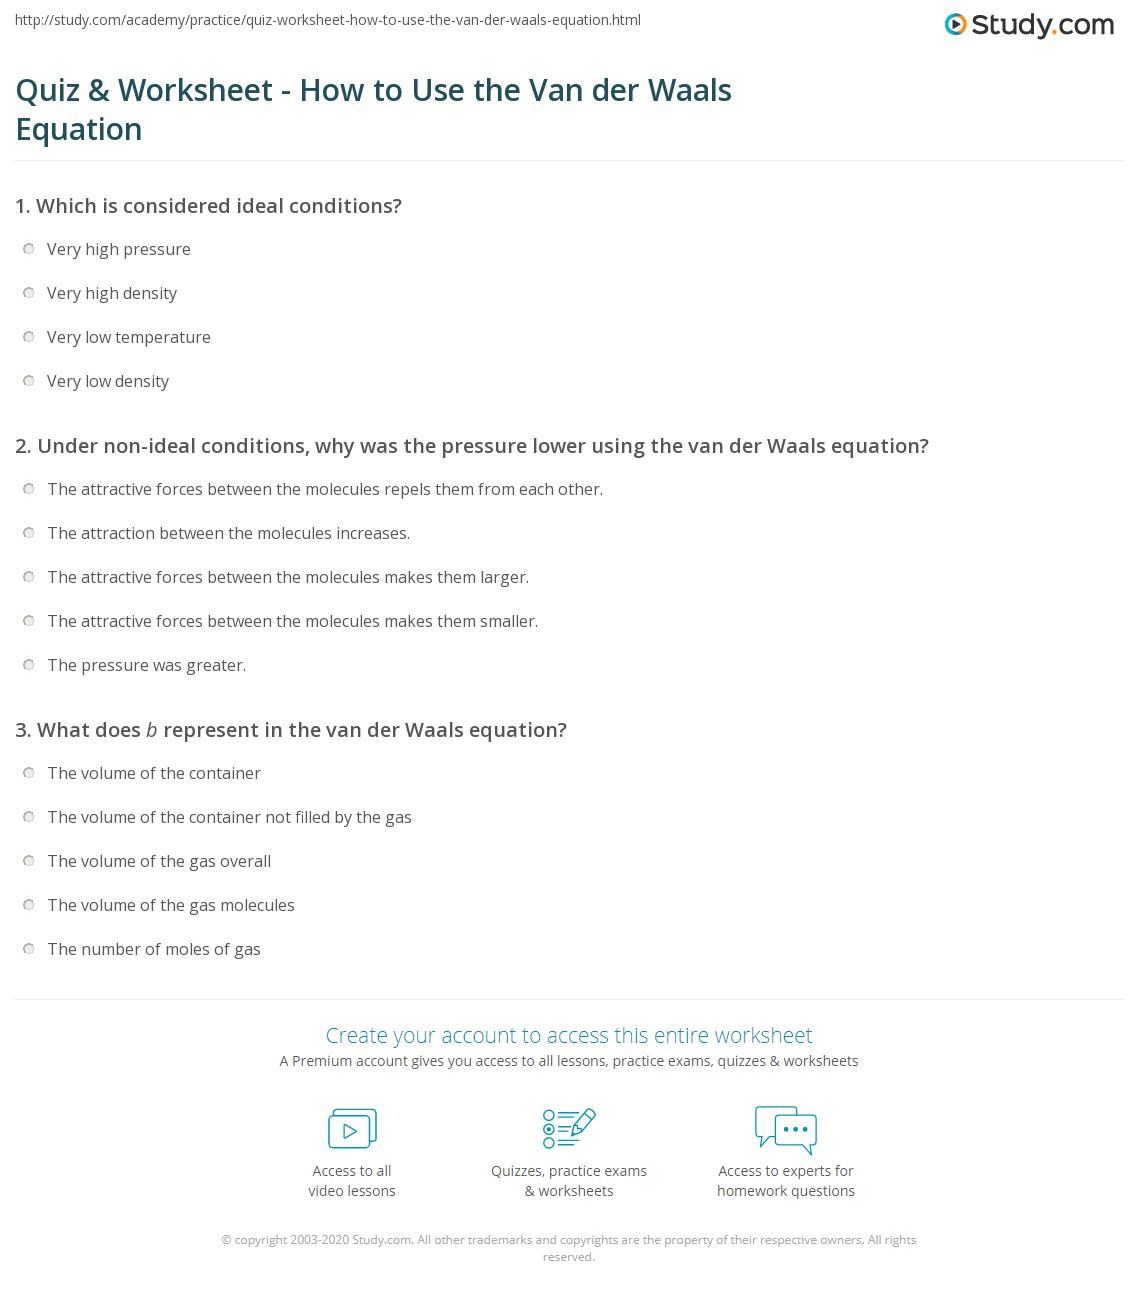 how to find b in van der waals equation